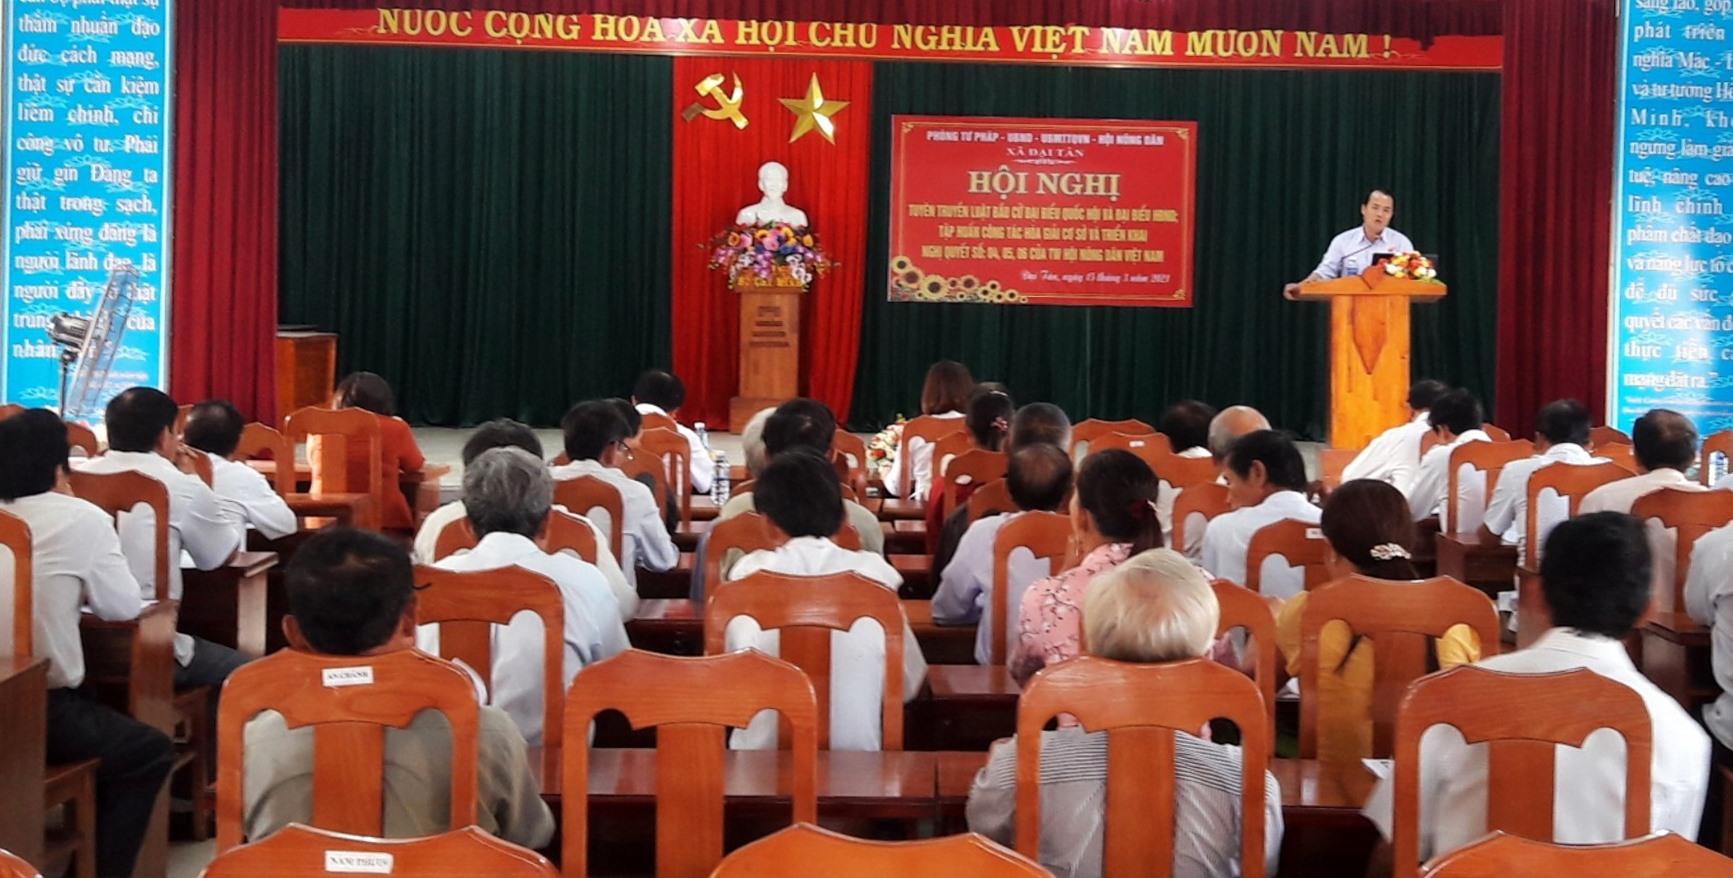 Phòng Tư pháp Đại Lộc tuyên truyền pháp luật bầu cử ở cơ sở. Ảnh: C.N